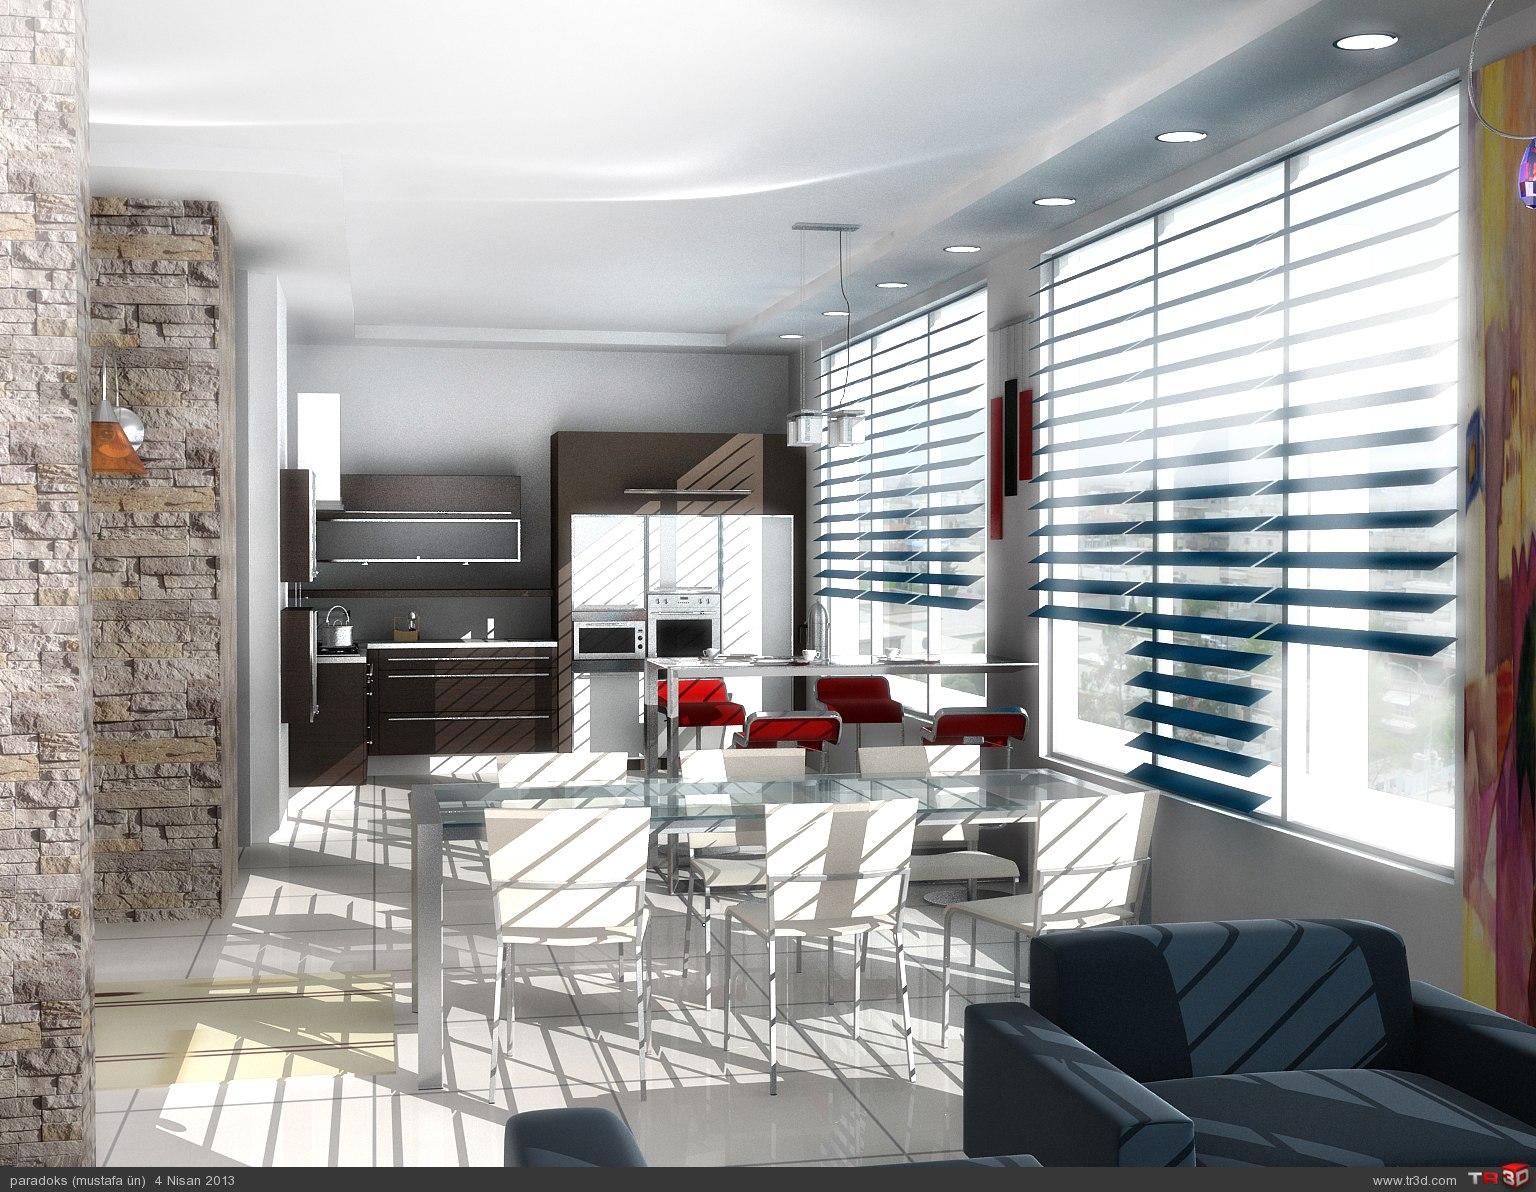 Zeus Mutfak Tasarımı 1